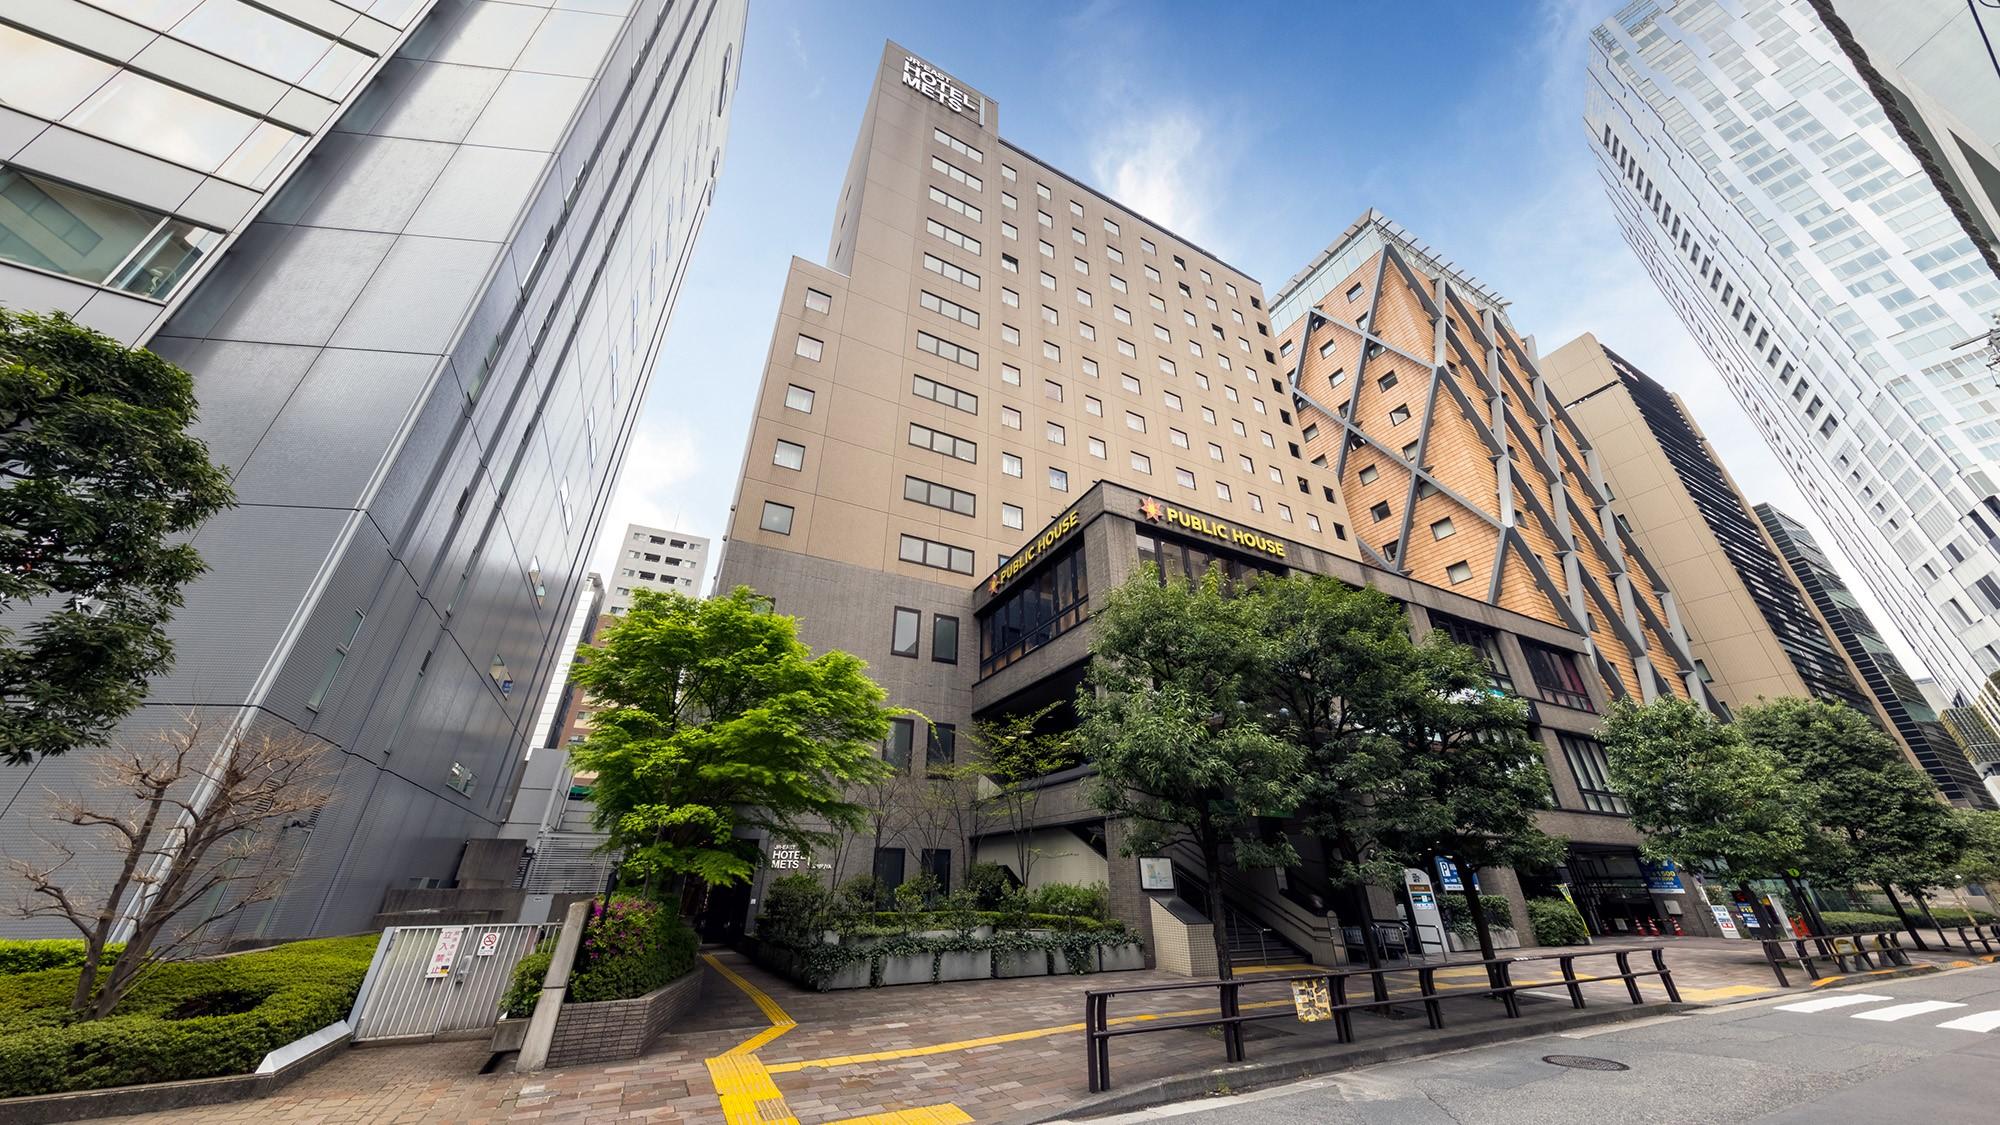 オーストラリアから友人が遊びに。渋谷周辺に長期滞在向けのホテルは?